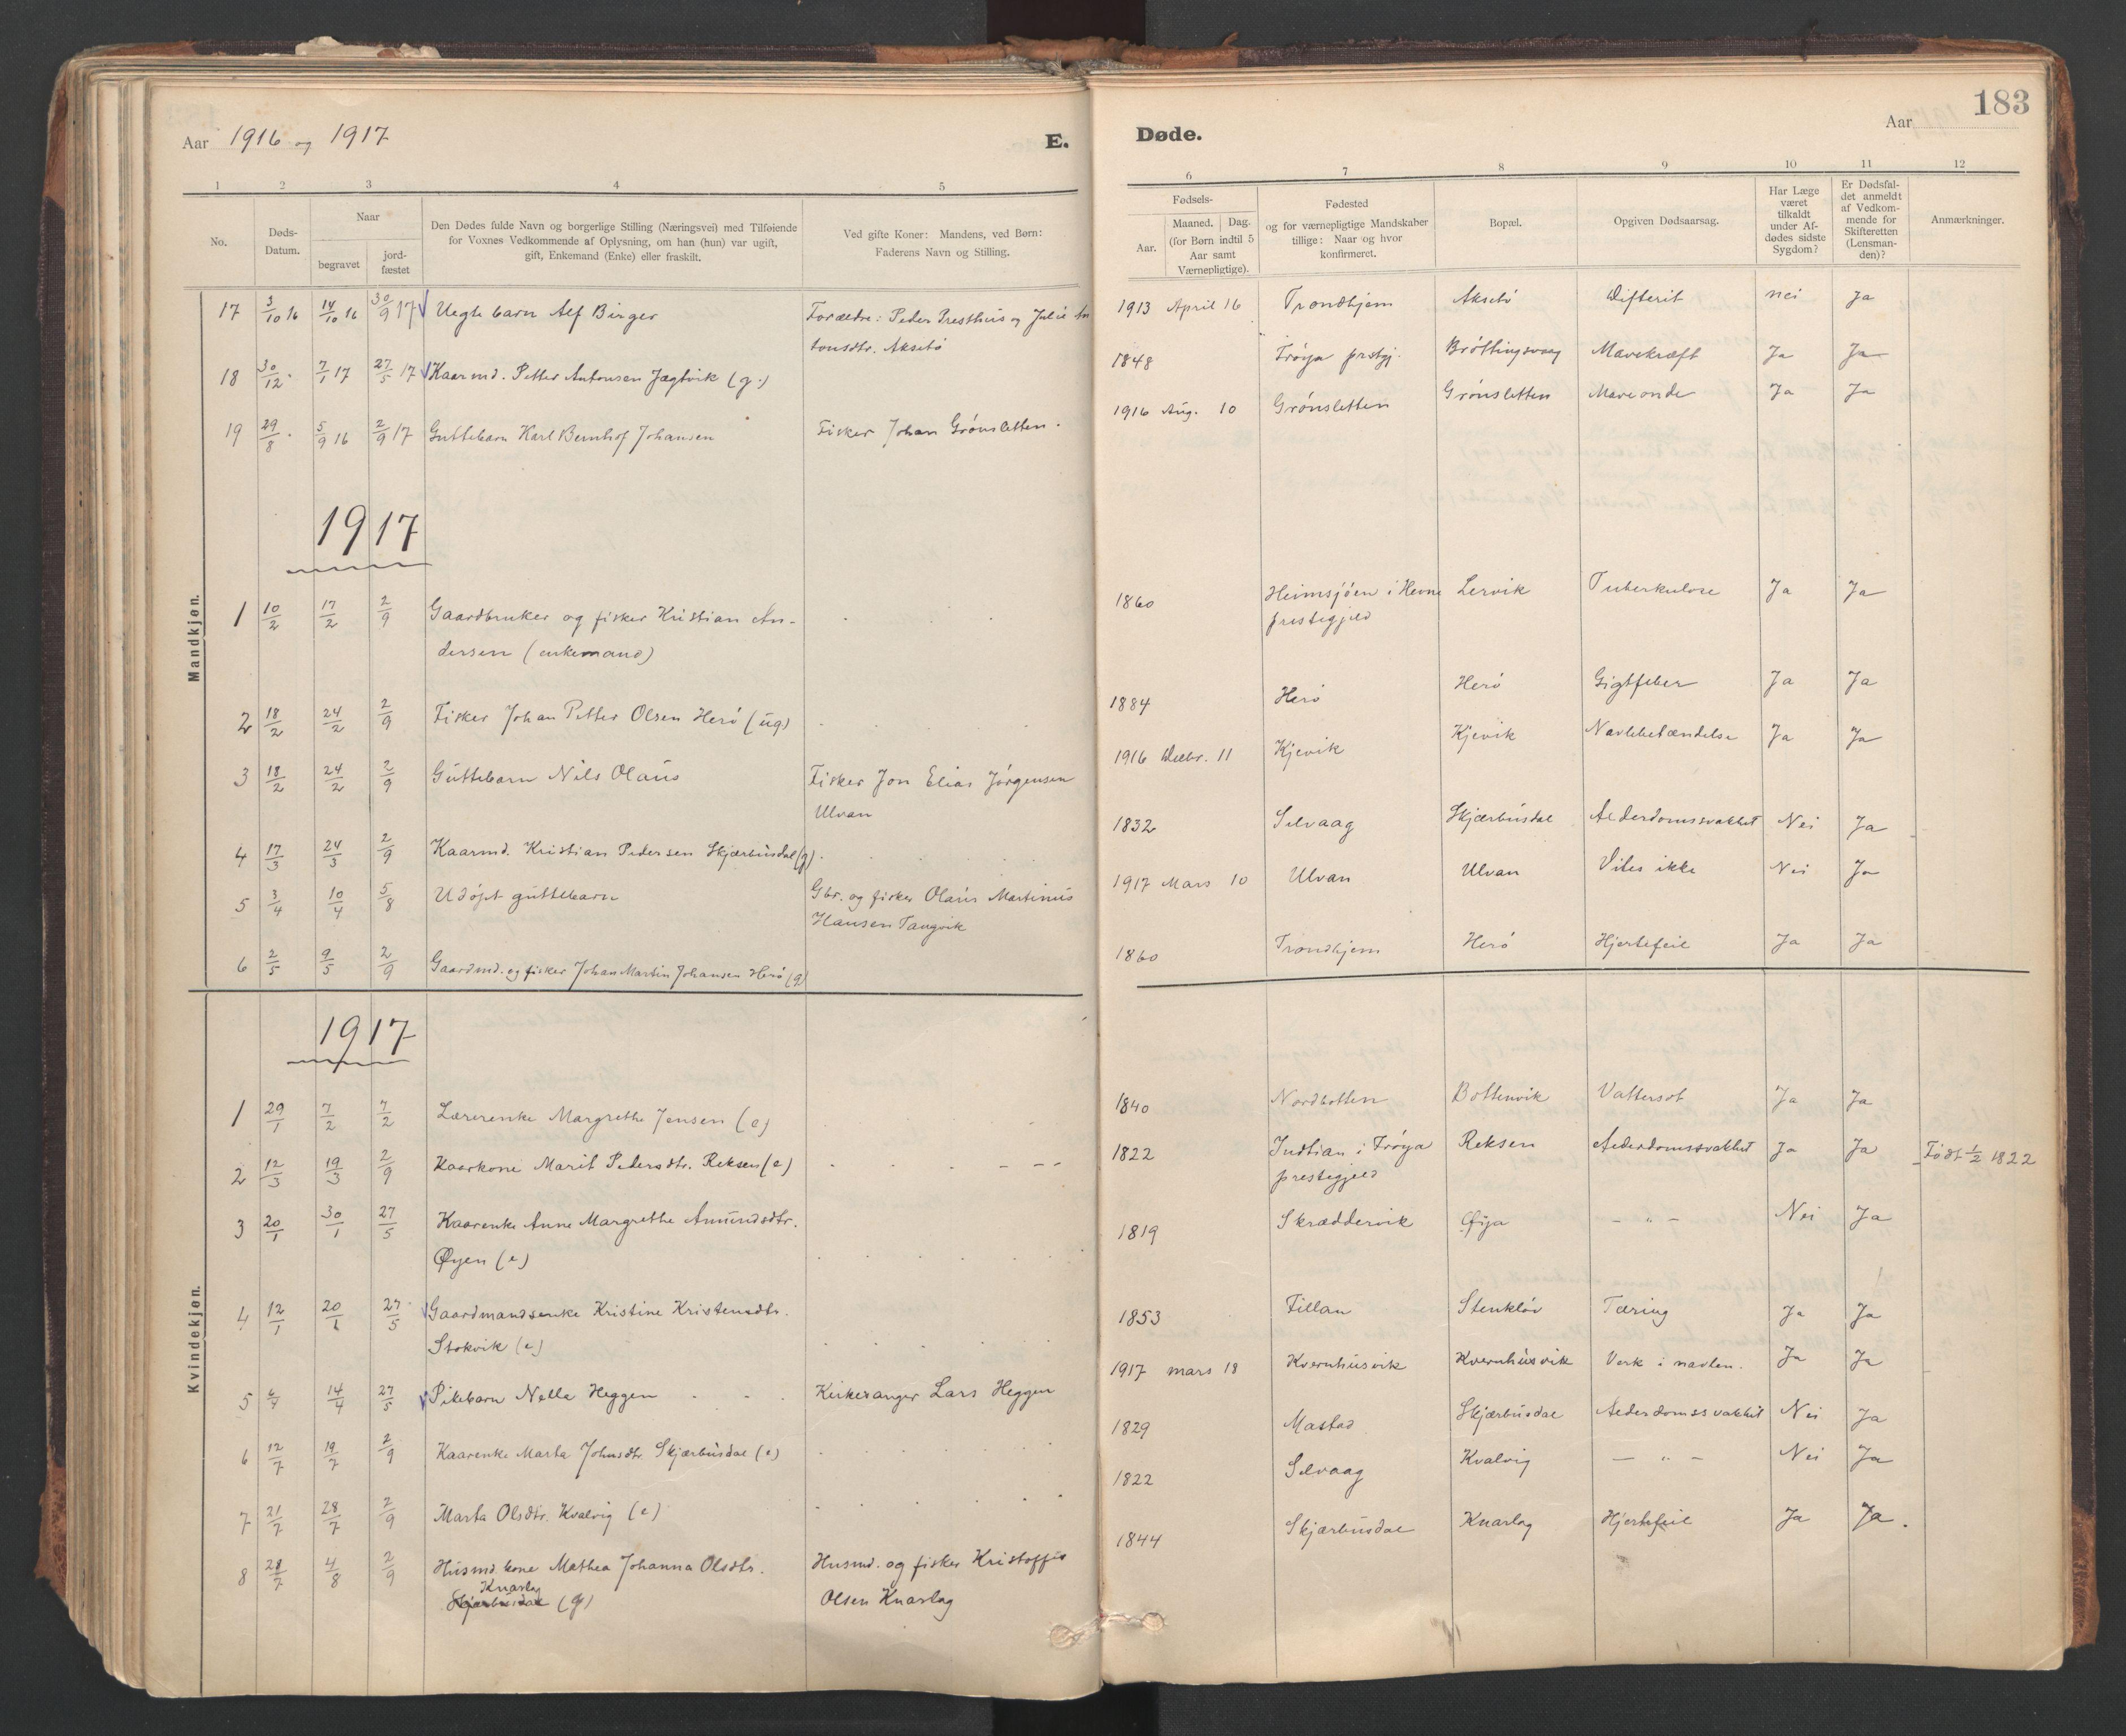 SAT, Ministerialprotokoller, klokkerbøker og fødselsregistre - Sør-Trøndelag, 637/L0559: Ministerialbok nr. 637A02, 1899-1923, s. 183